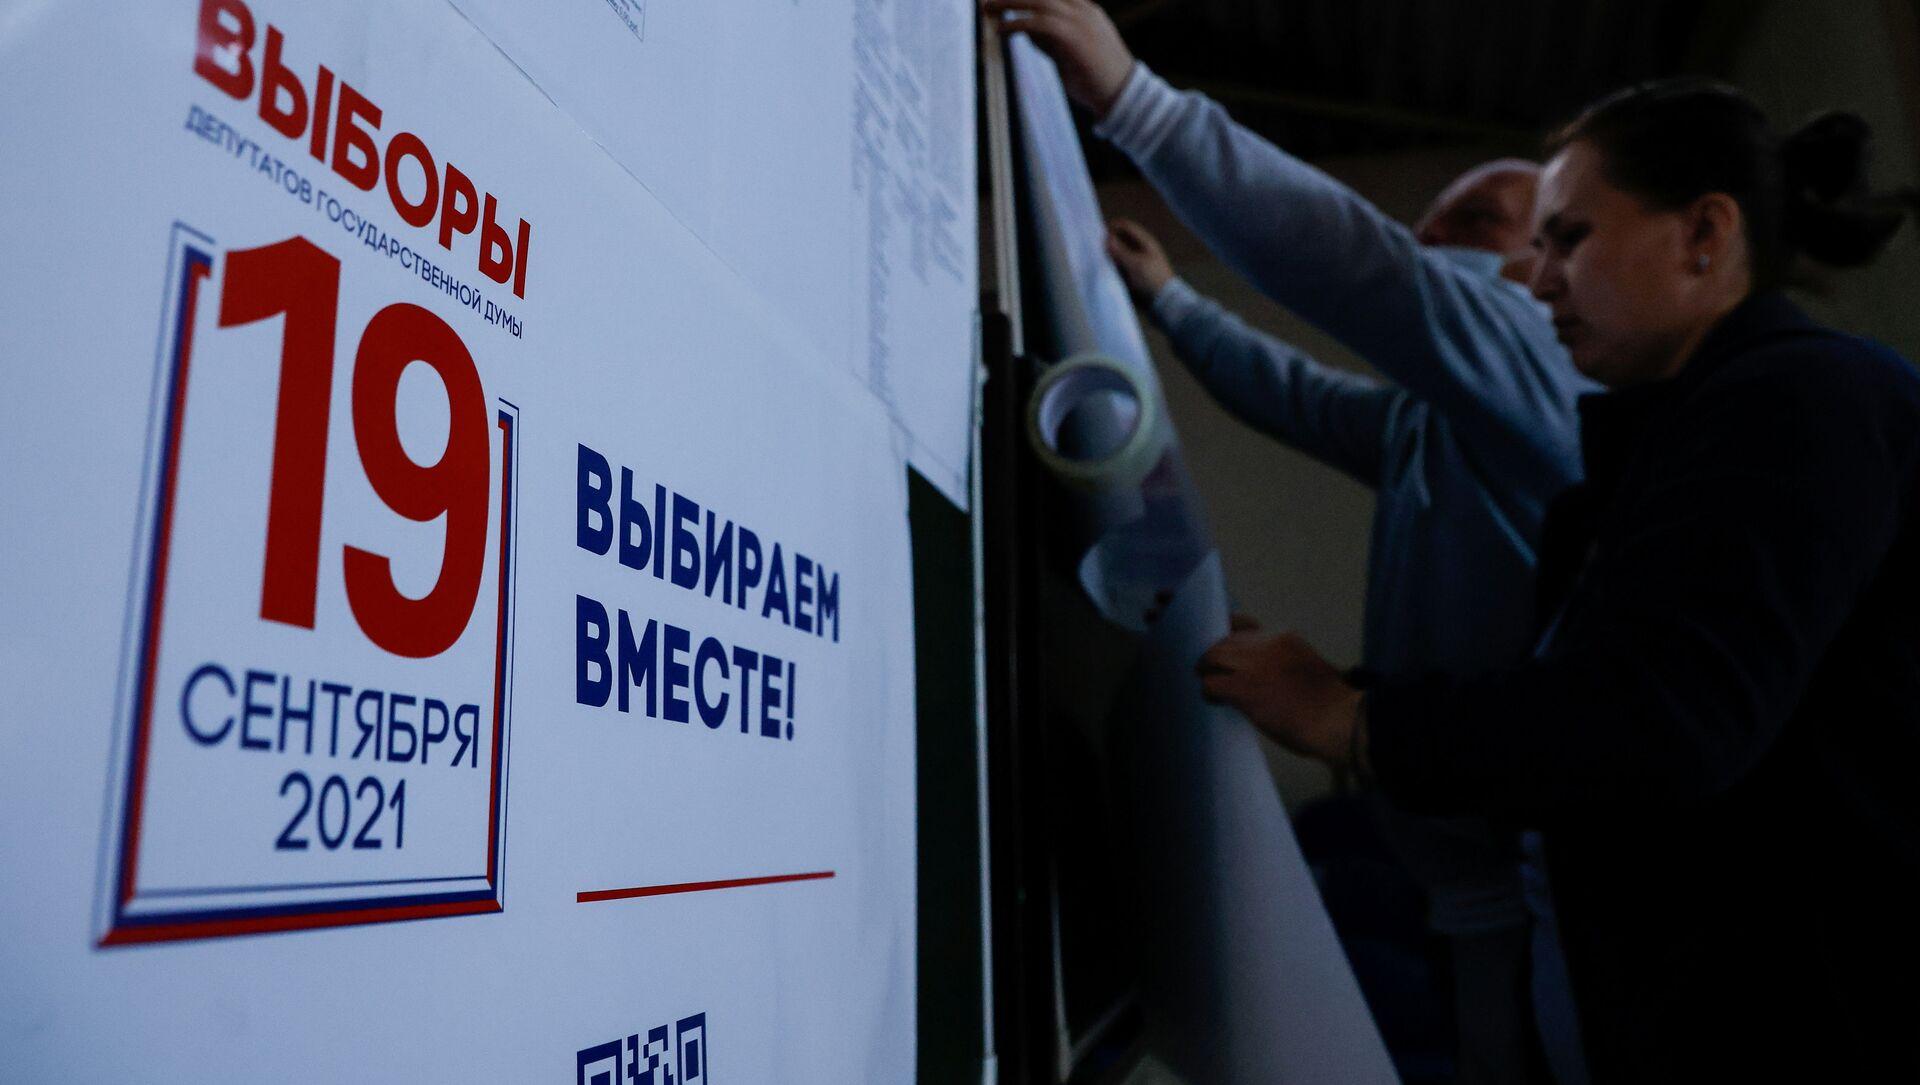 Выборы в Государственную думу в РФ (2021) - Sputnik Азербайджан, 1920, 19.09.2021